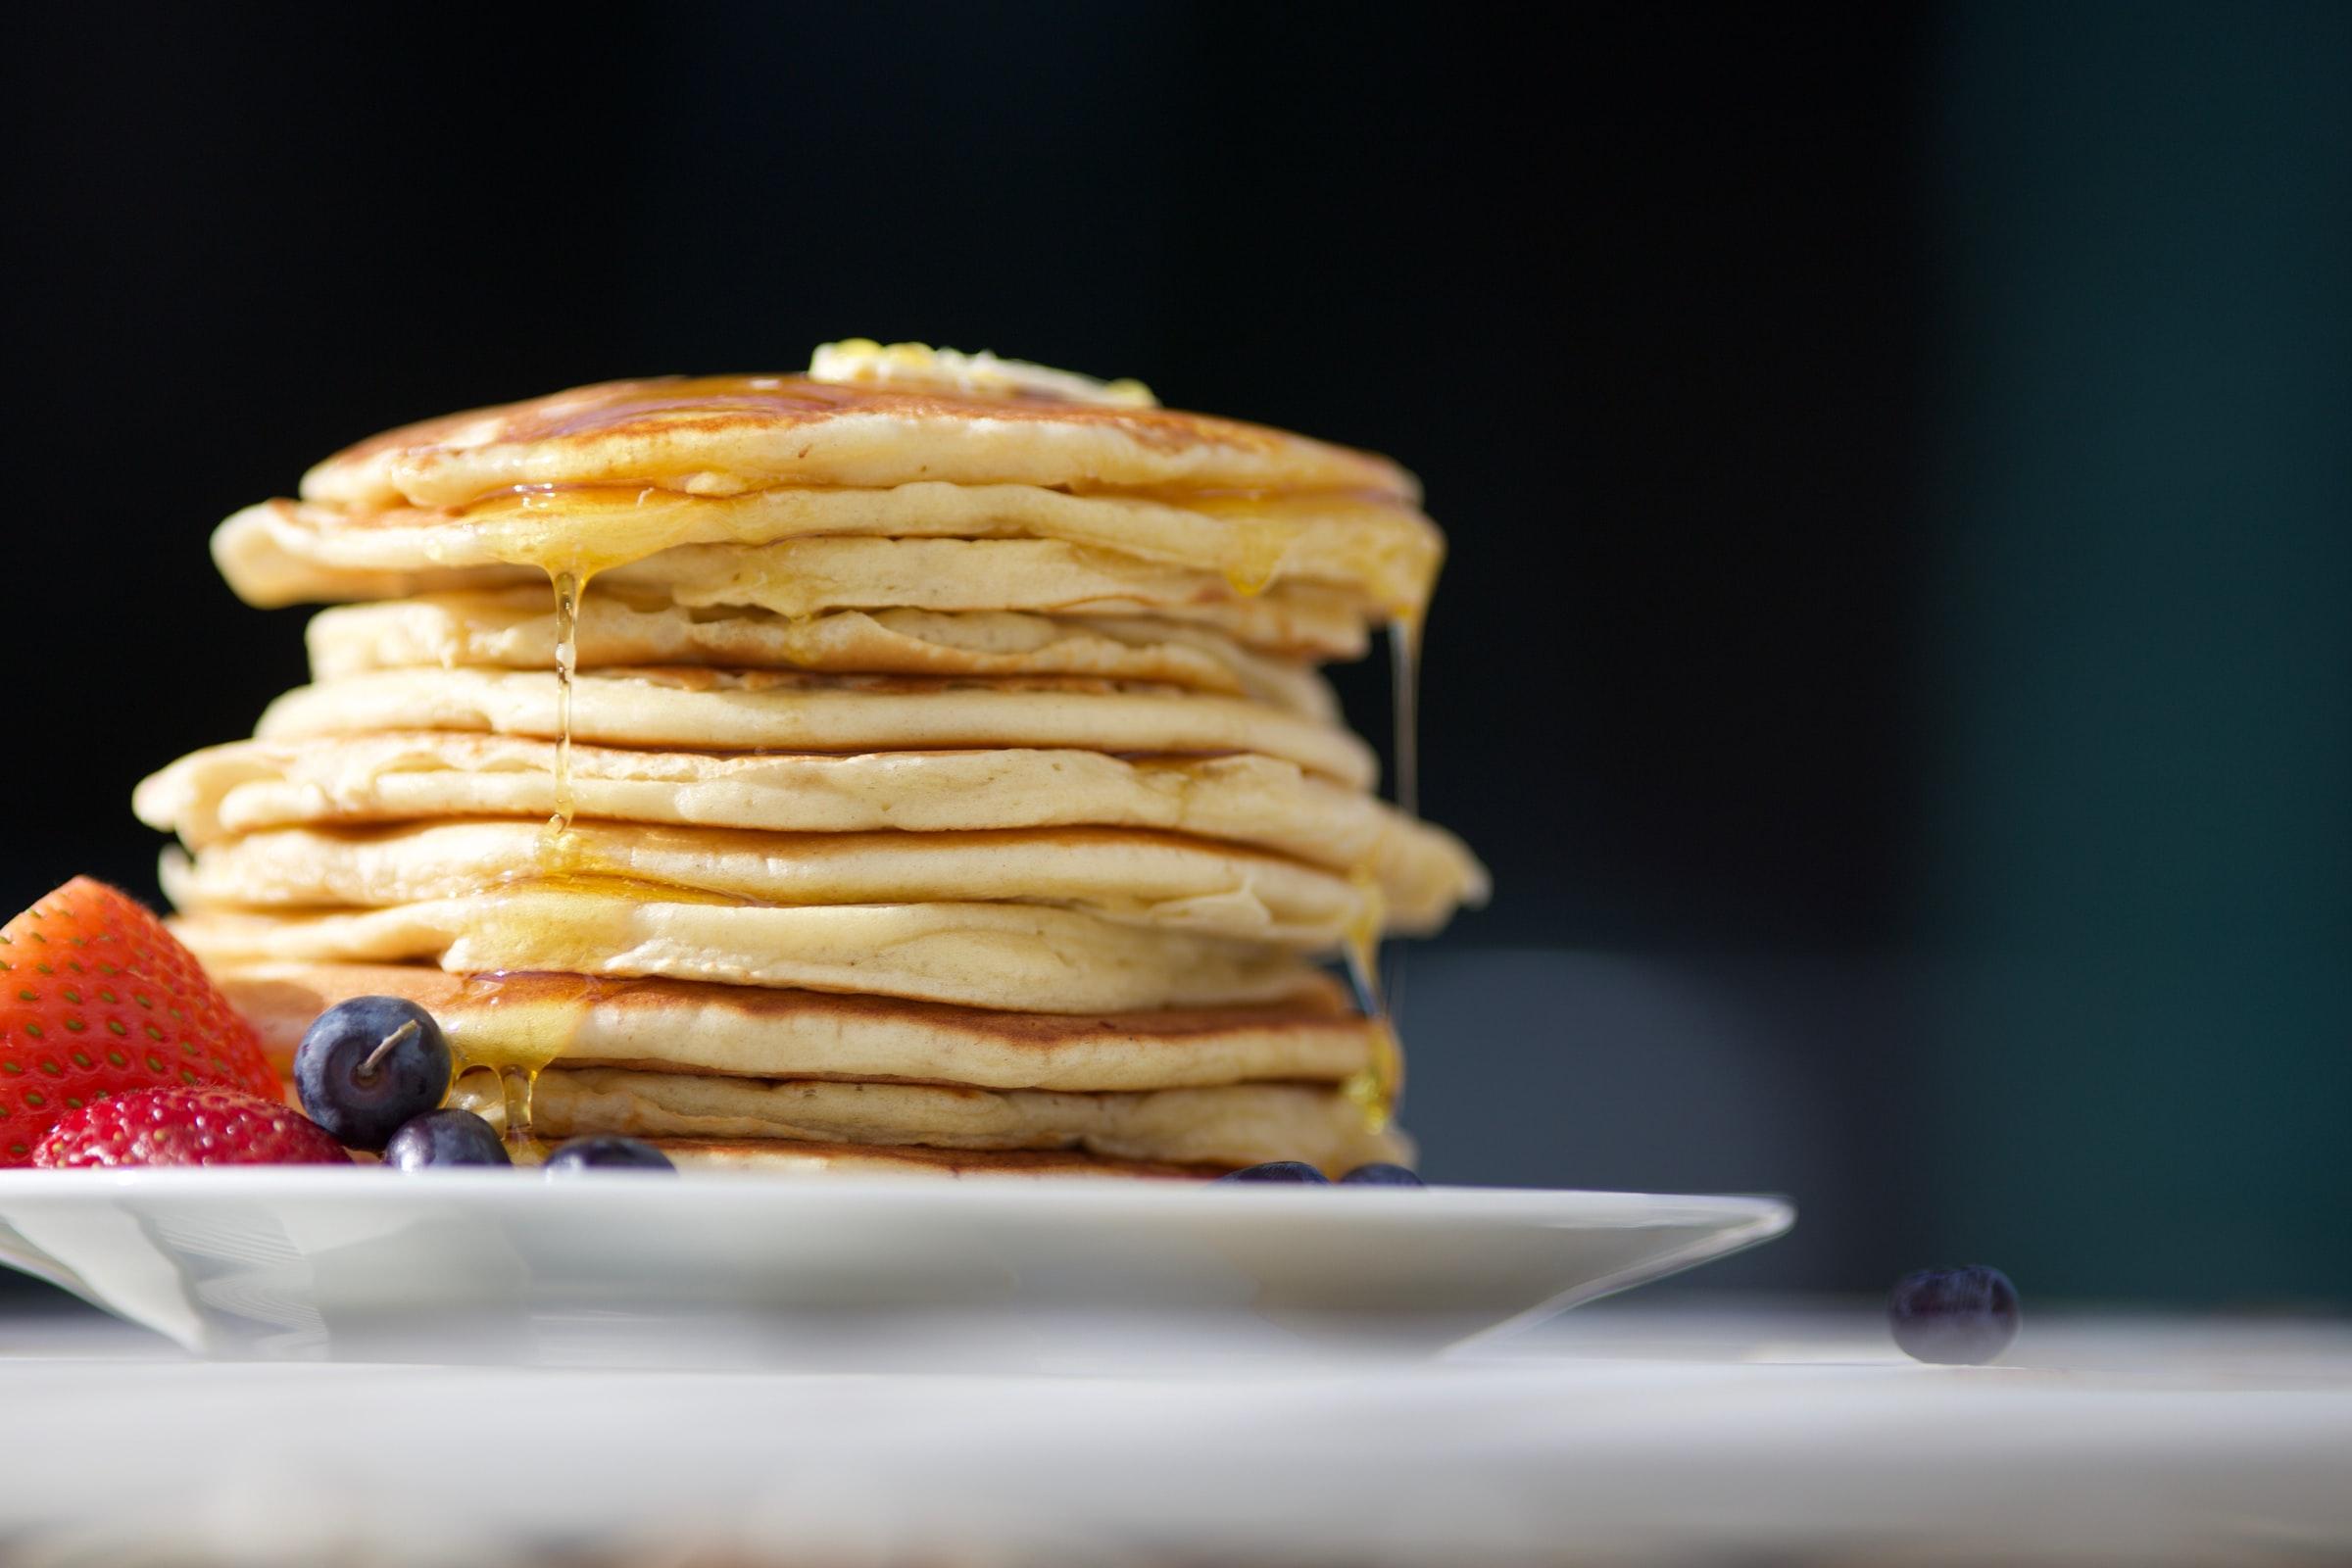 Thermomix pancake recipe